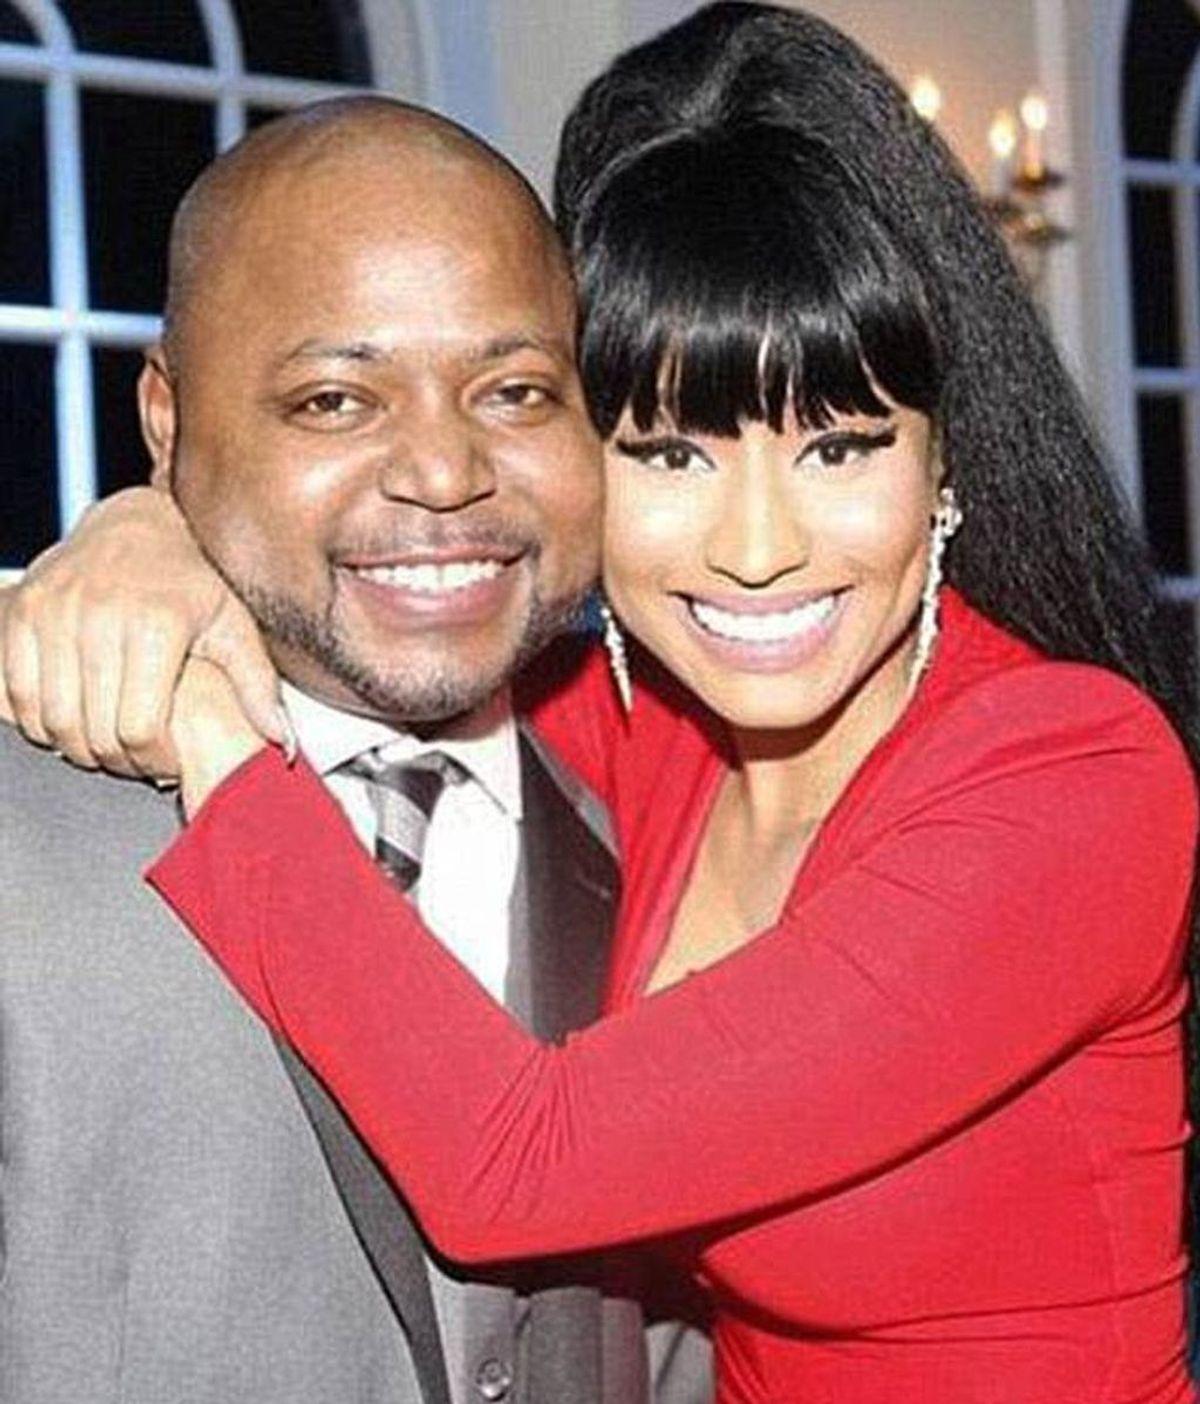 El hermano de Nicki Minaj, declarado culpable por abusar de su hijastra de 11 años